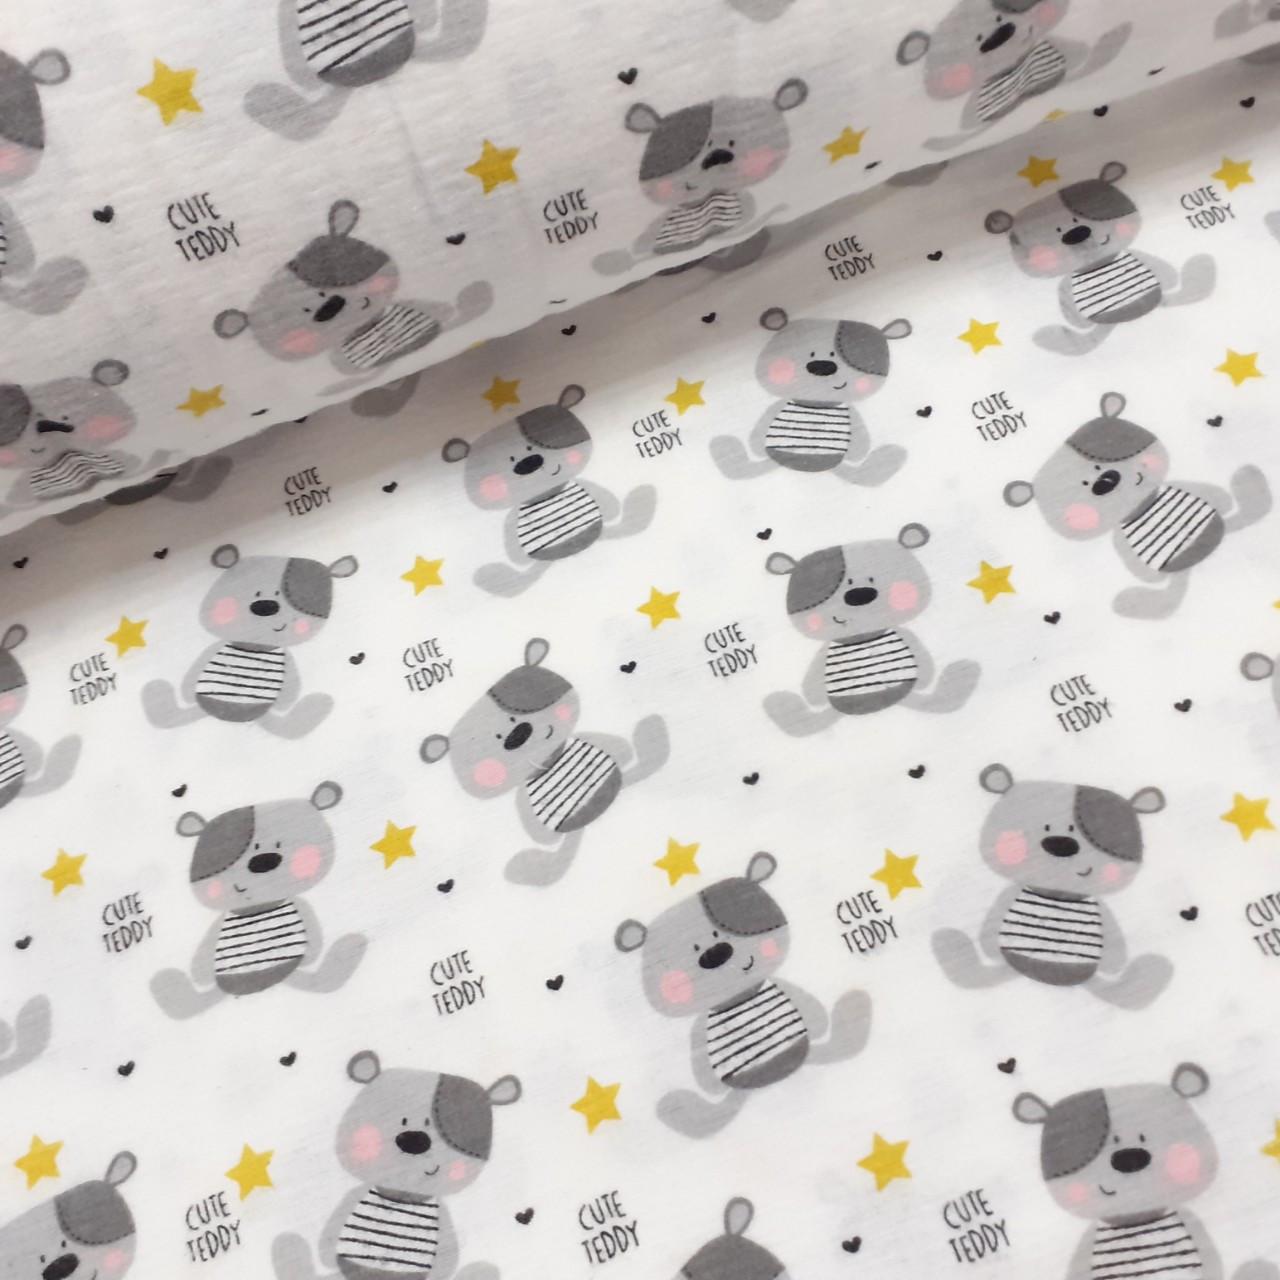 Фланелевая ткань серые мишки Тэдди с желтыми звездами на белом